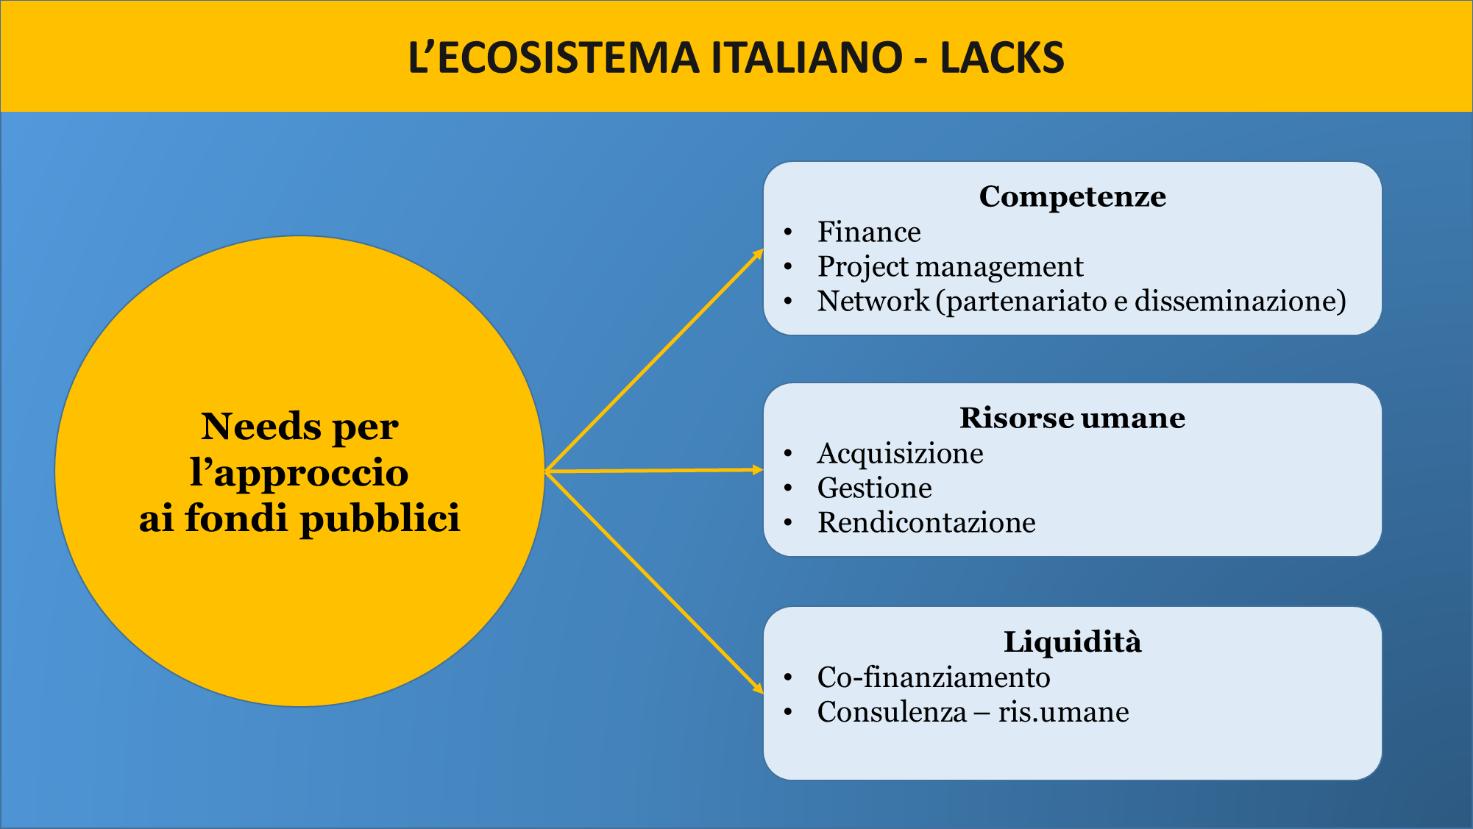 462fee318c Oltre alla elevata burocrazia e alla mancanza di sufficienti informazioni,  i fattori che scoraggiano molte PMI e startup italiane dall'usufruire dei  fondi ...